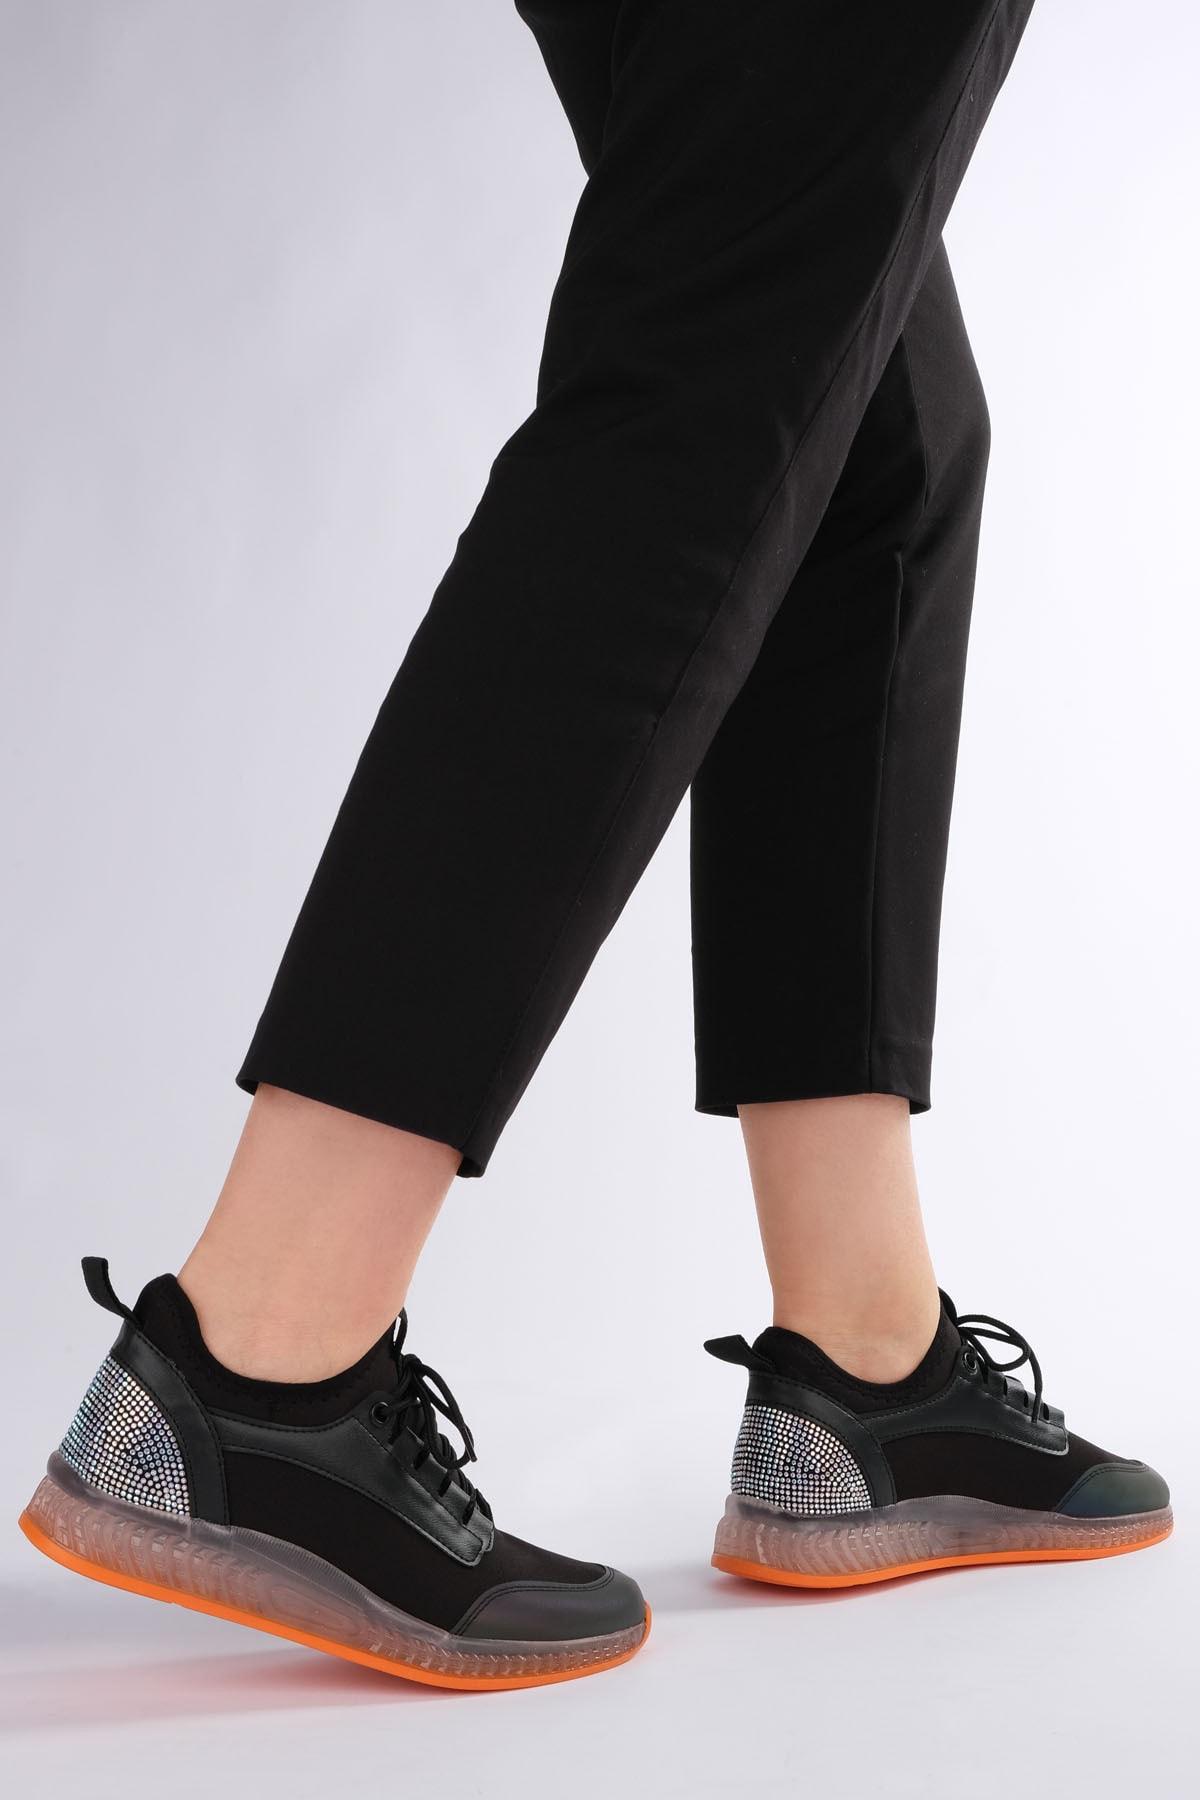 Marjin Kadın Siyah Streç Sneaker Spor Ayakkabı Cunka 2